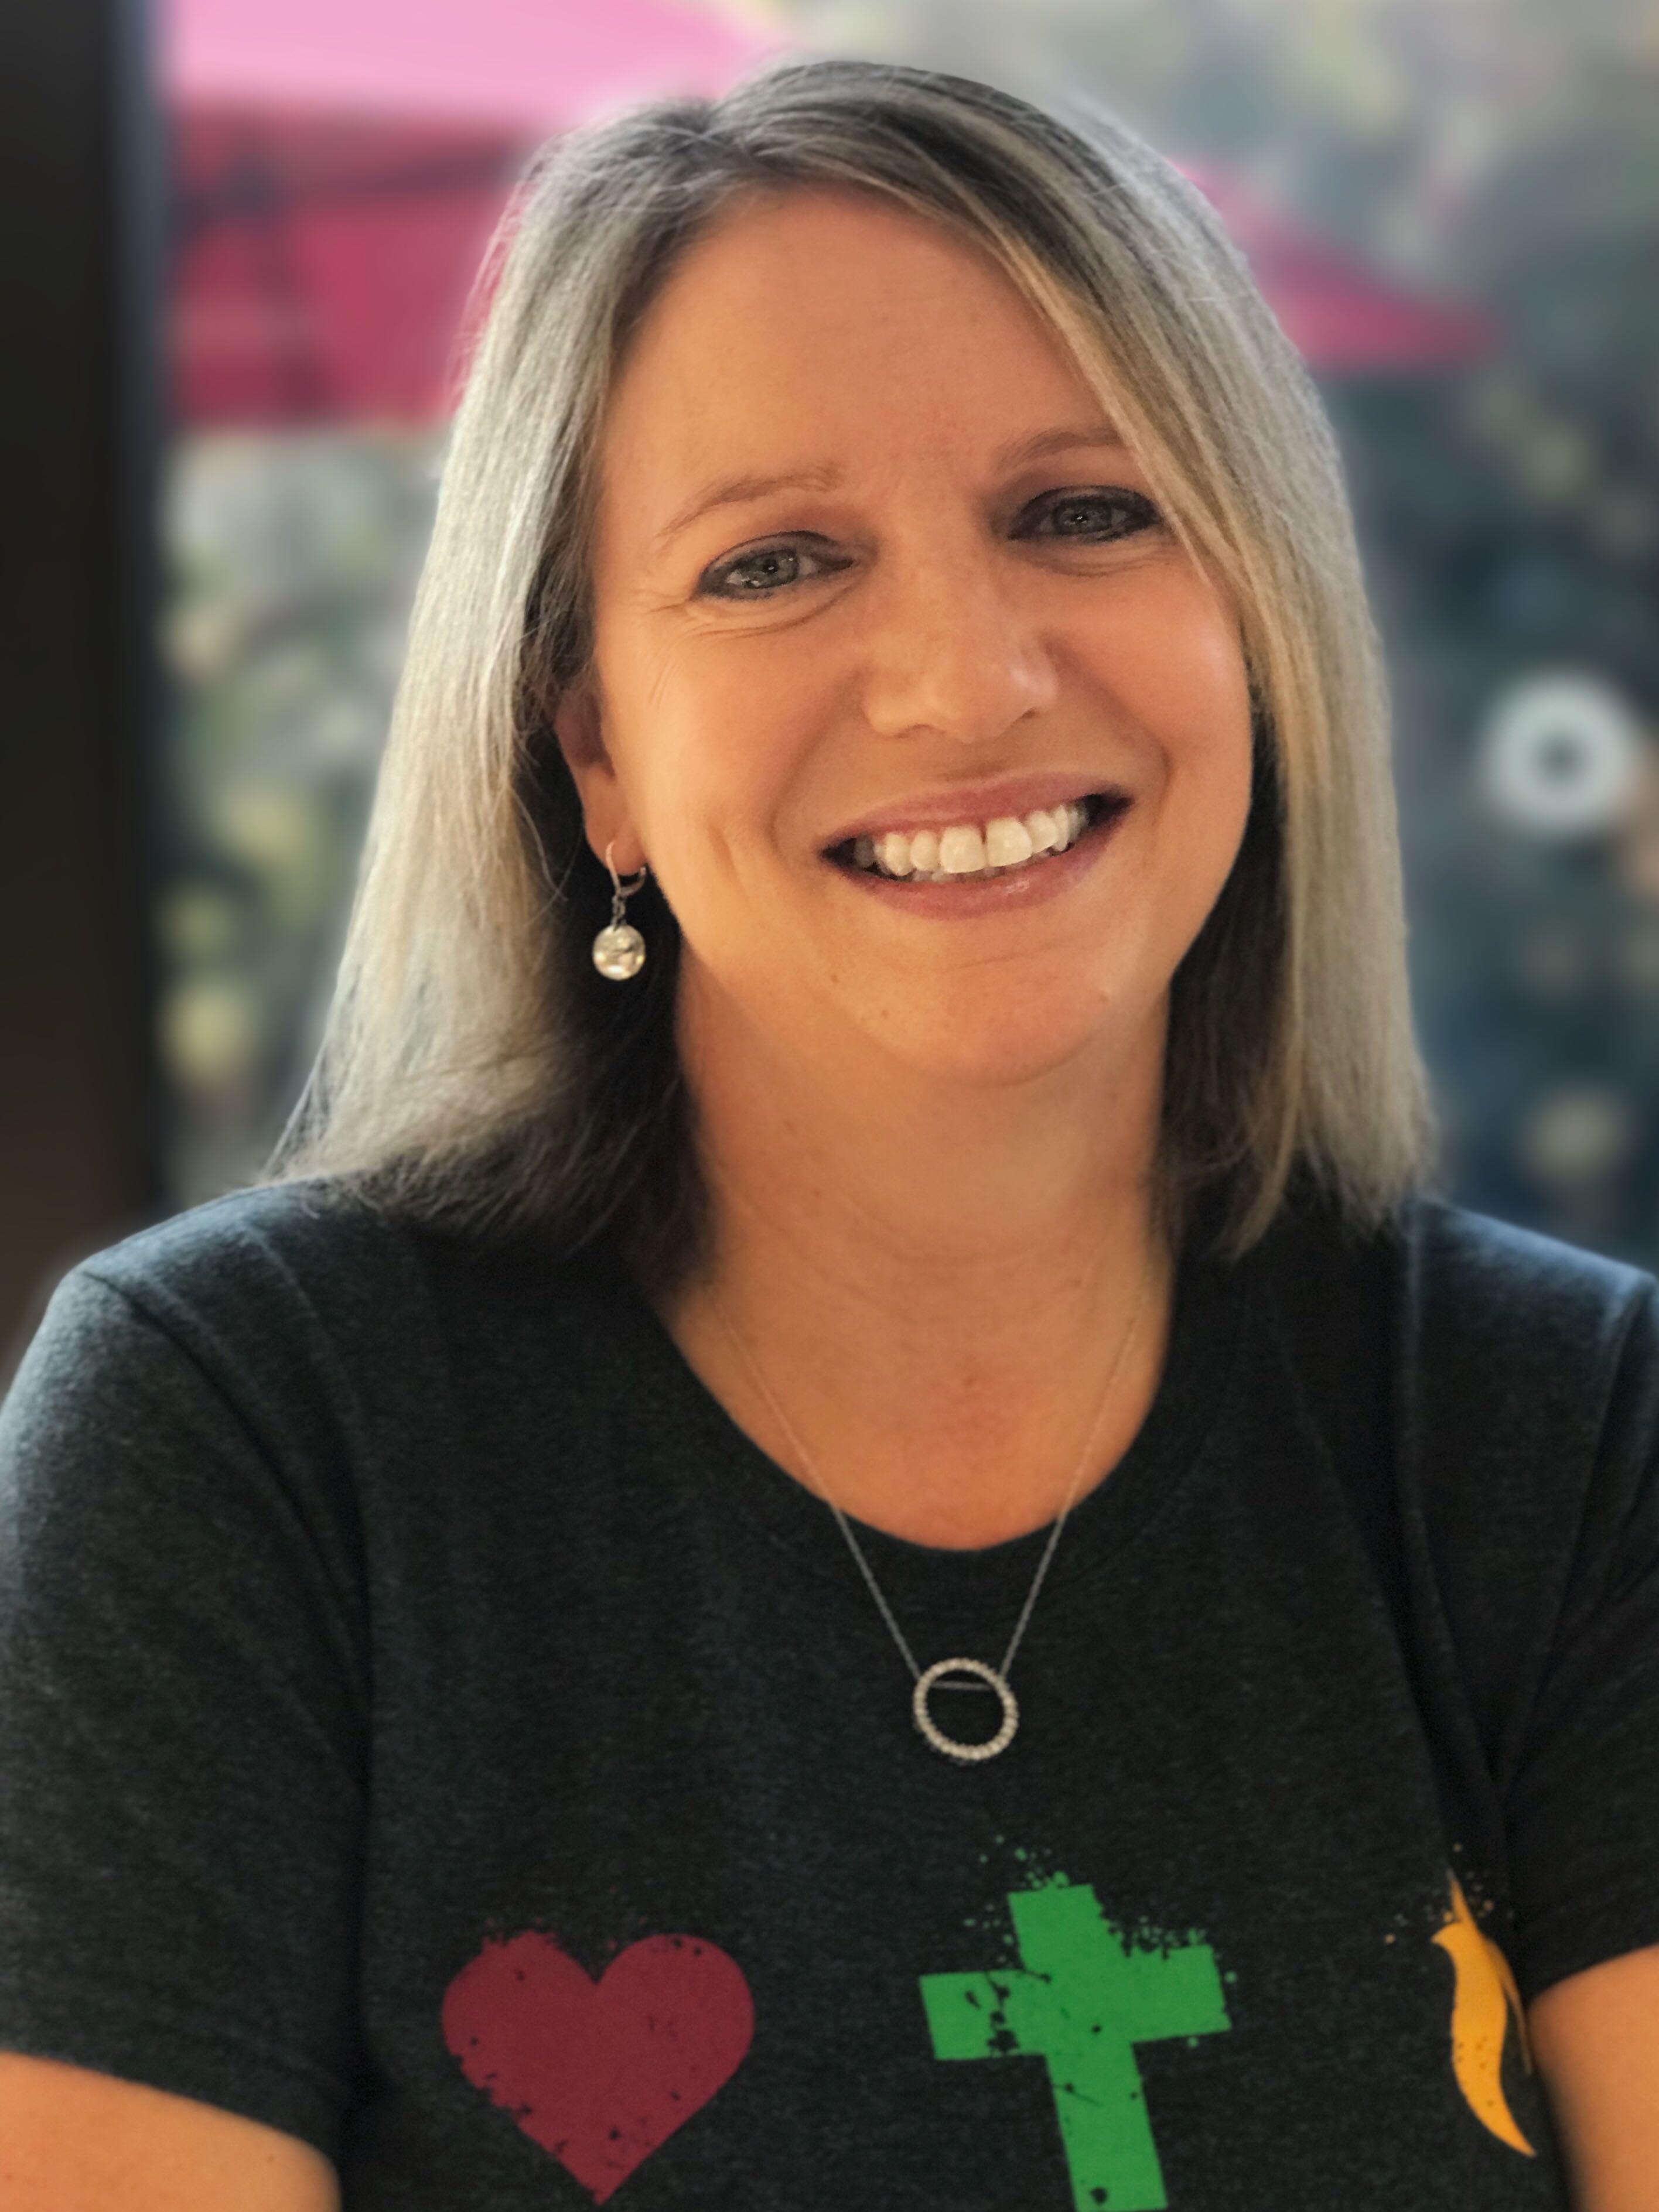 Amy Malterer